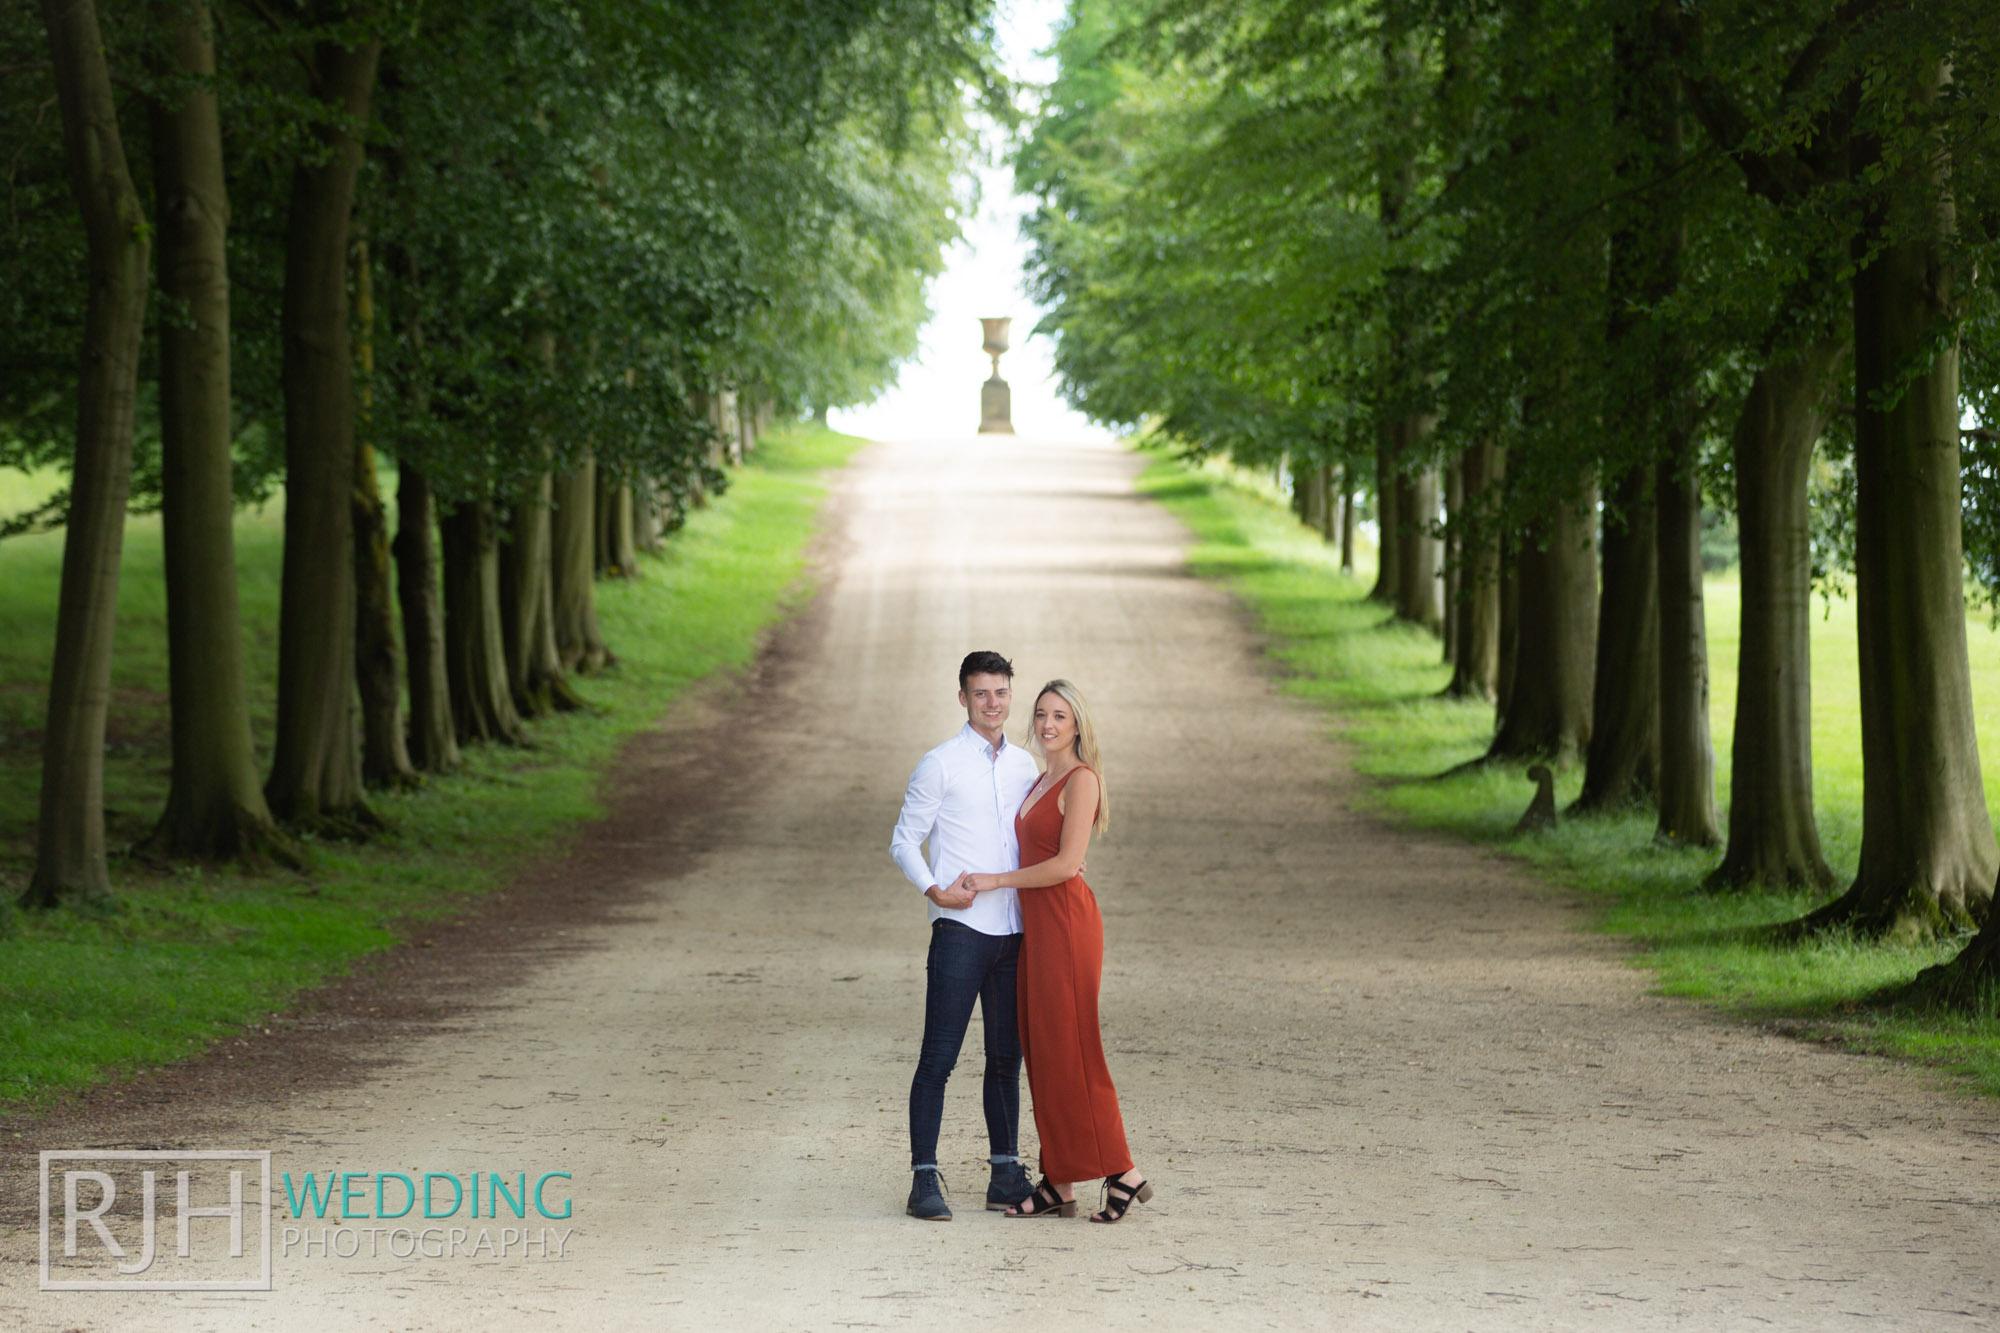 Chatsworth House Wedding Photographer_Glen & Lauren_025_RJH10278.jpg